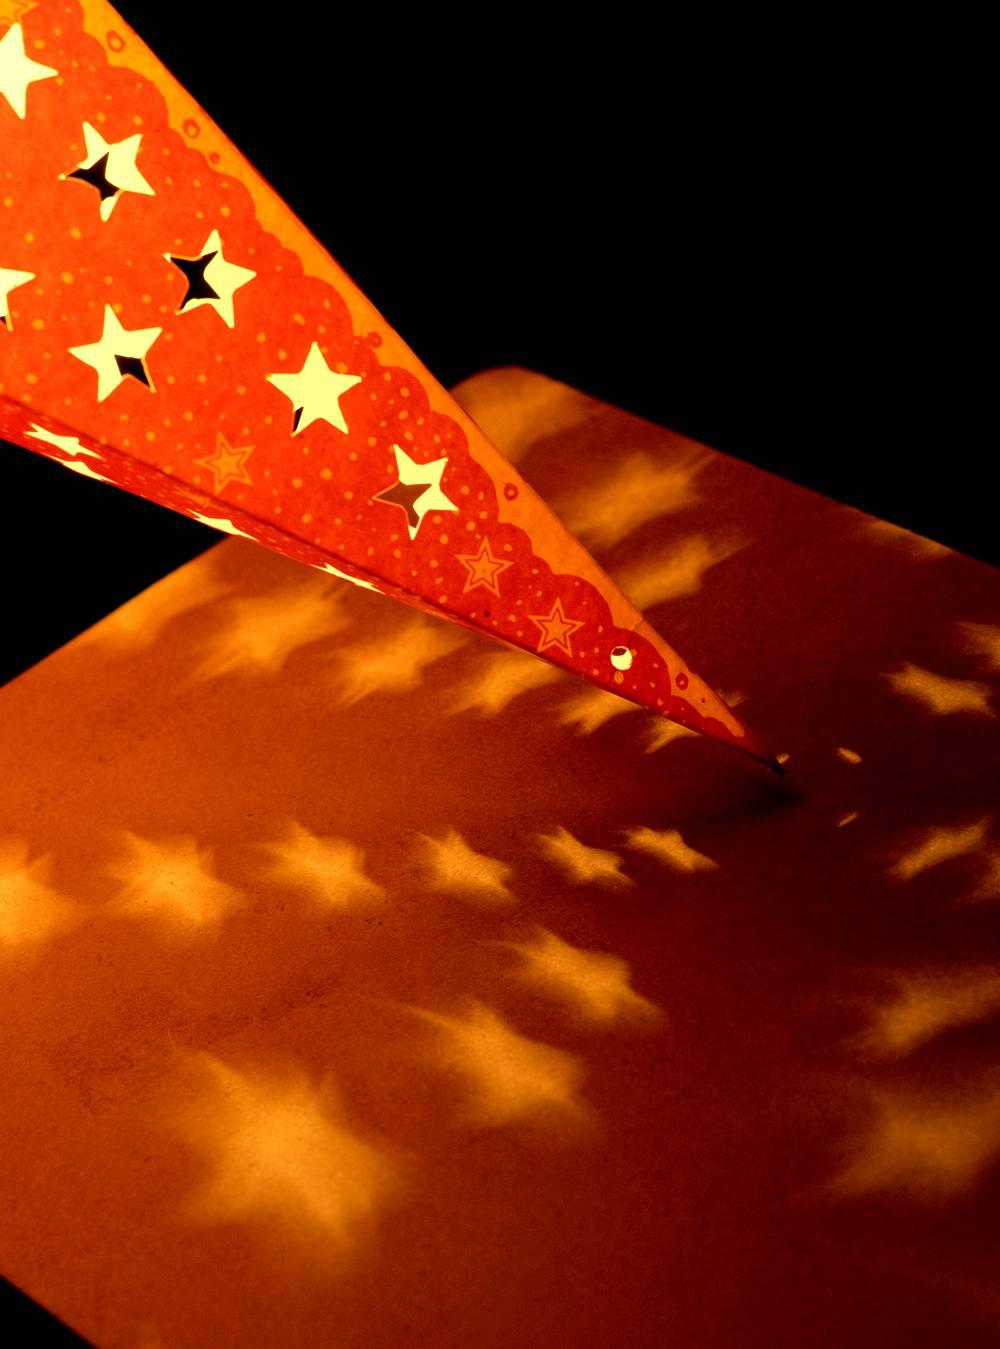 〔3個セット〕自由に選べる星型ランプシェード〔インドクオリティ〕アドベントスター 7 - 穴の空いているタイプは、このように光が漏れ出します